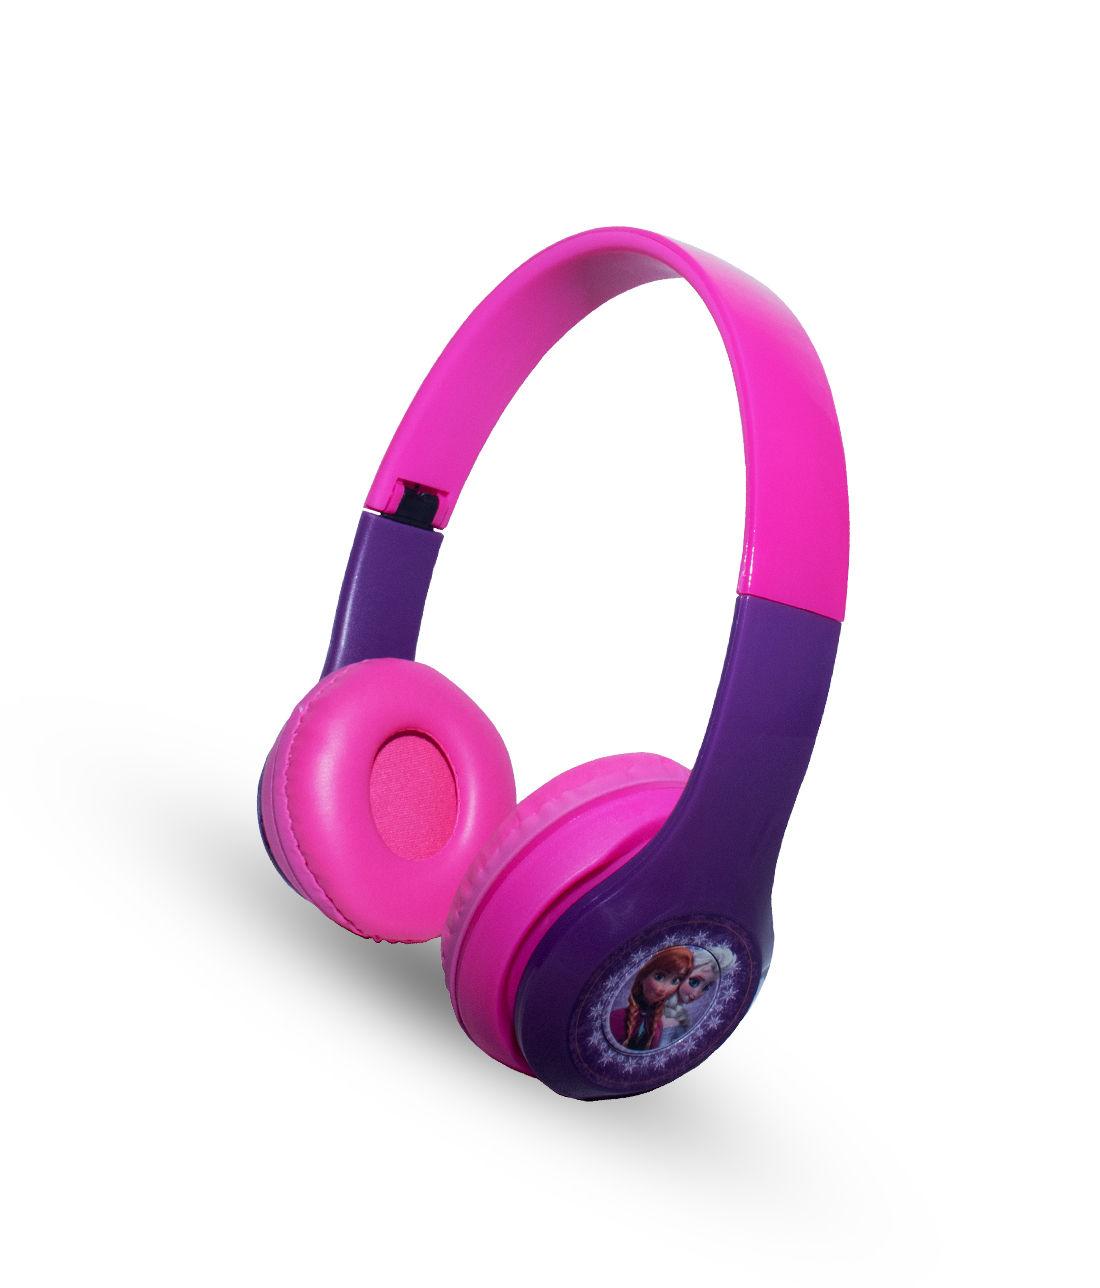 Frozen Purple Love - P47 Wireless On Ear Headphones